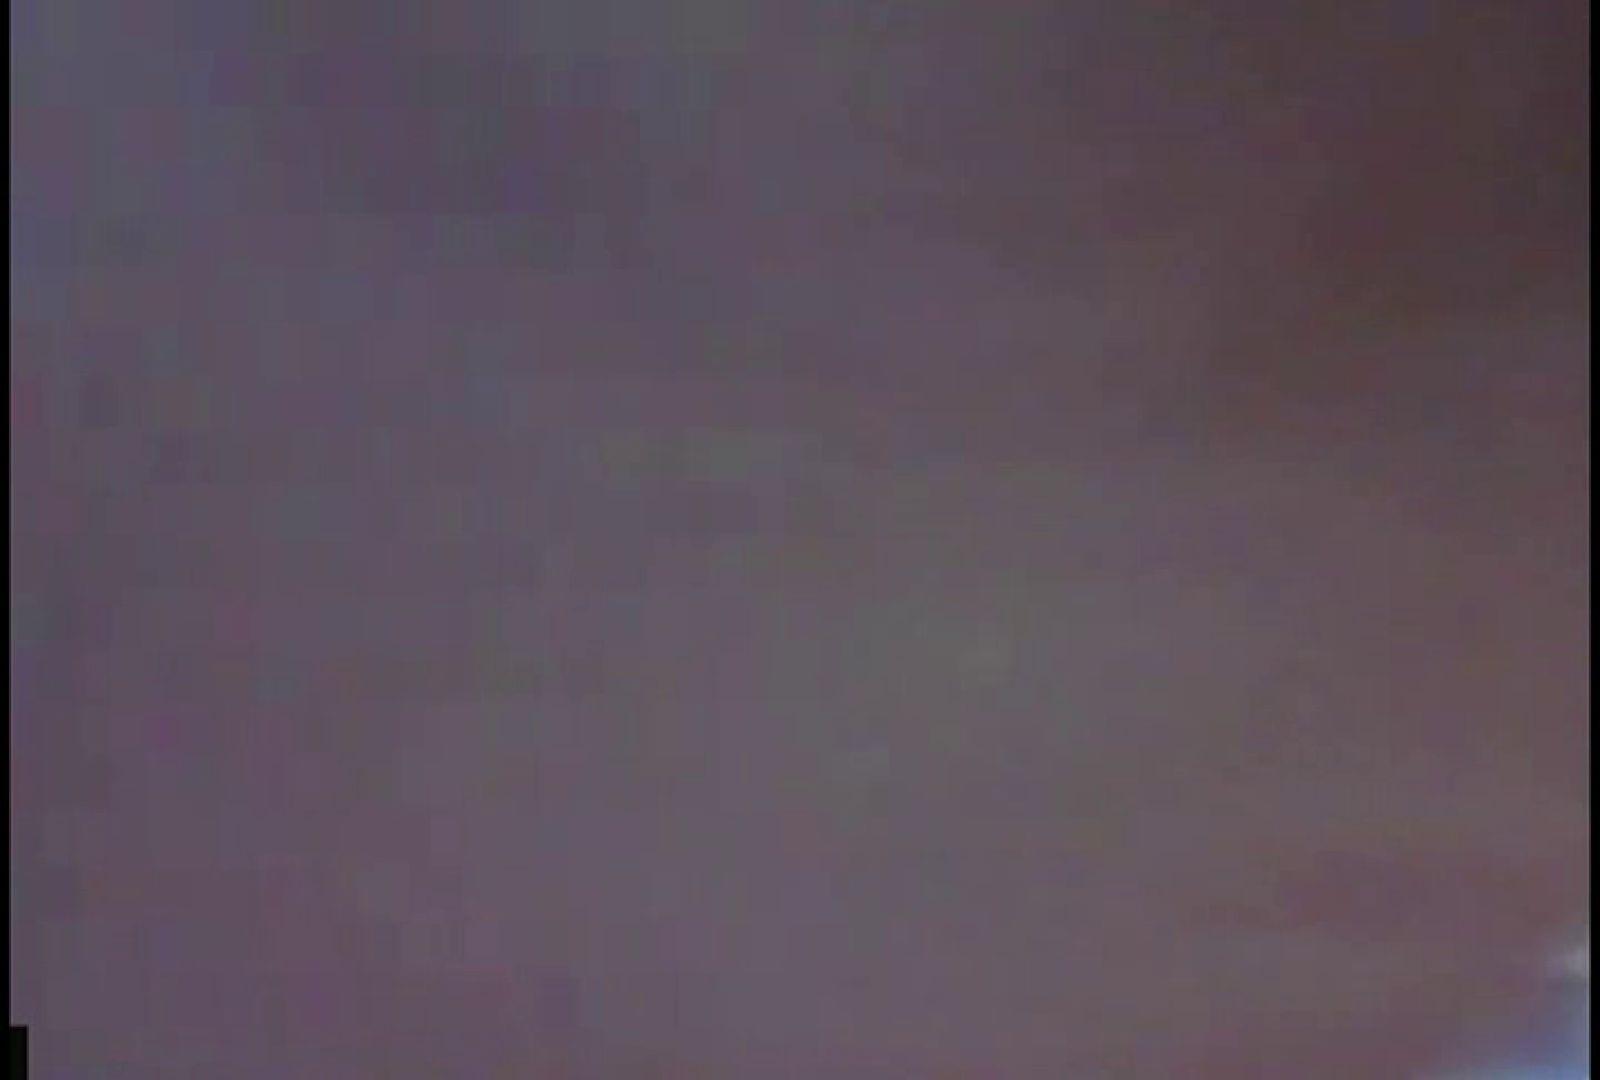 電魔王さんの「盗撮の部屋」No.1 りかこVol.1 盗撮   OLの実態  79pic 53